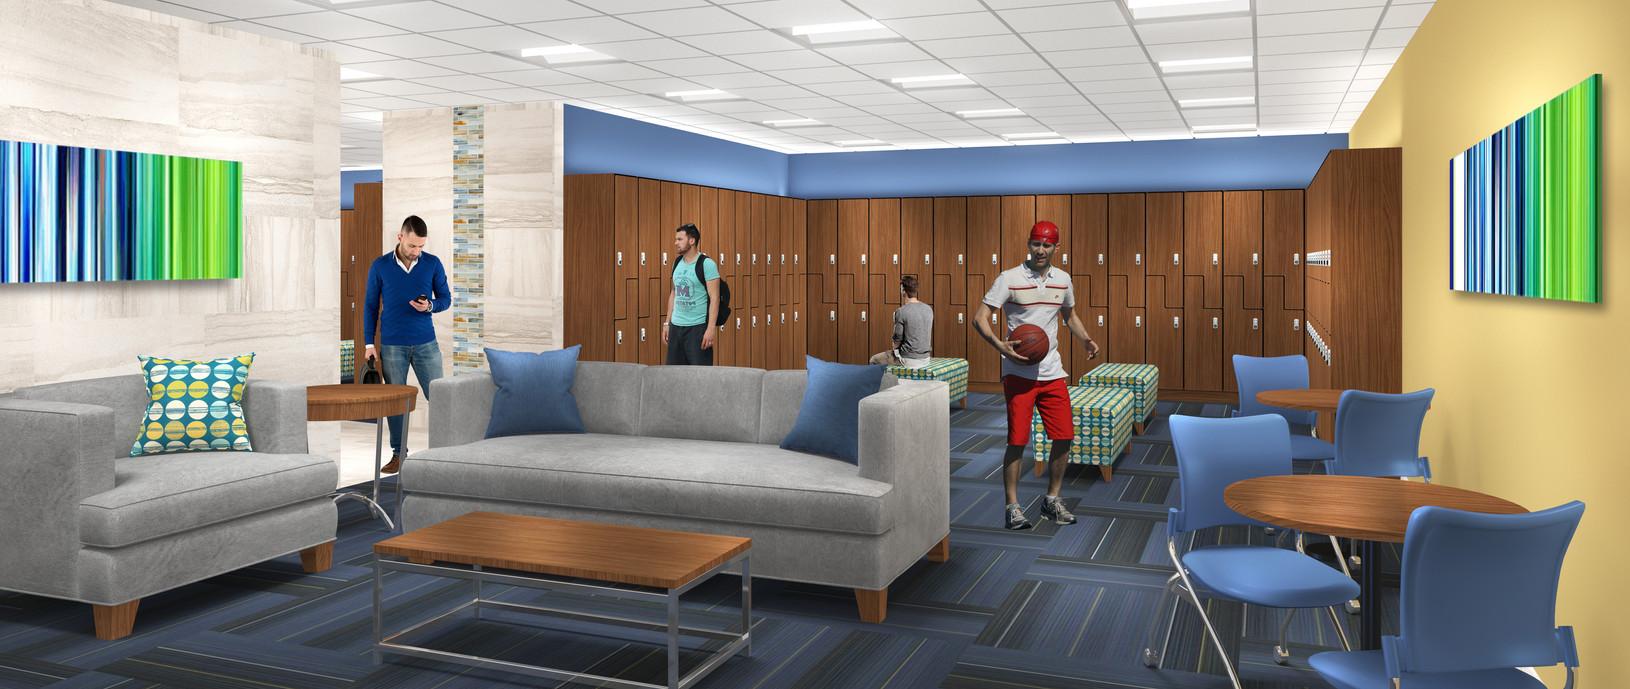 11-Rendering - Mens locker room lounge.j